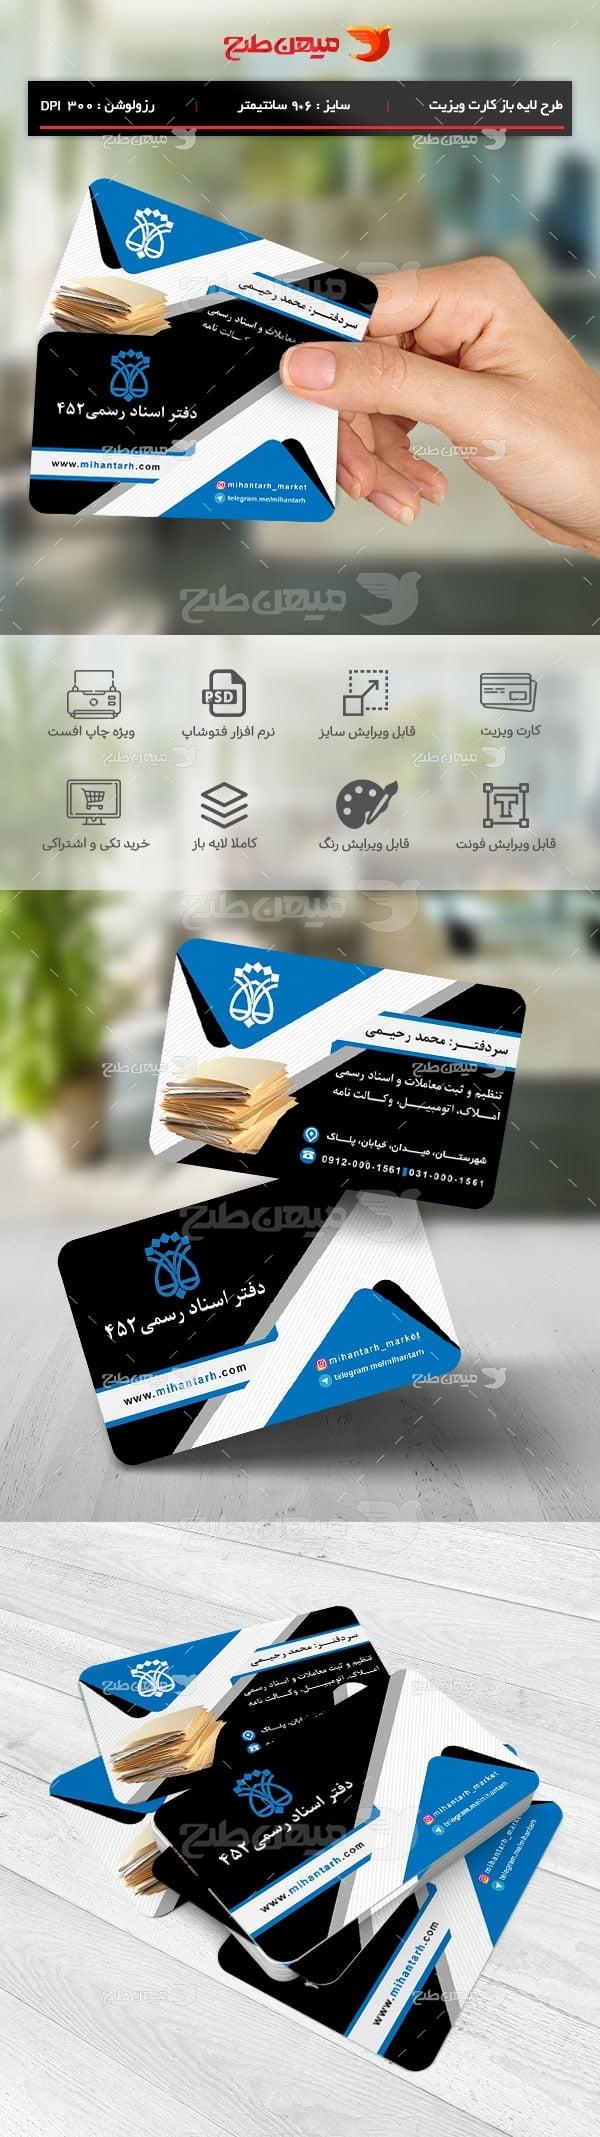 طرح لایه باز کارت ویزیت دفتر اسناد رسمی